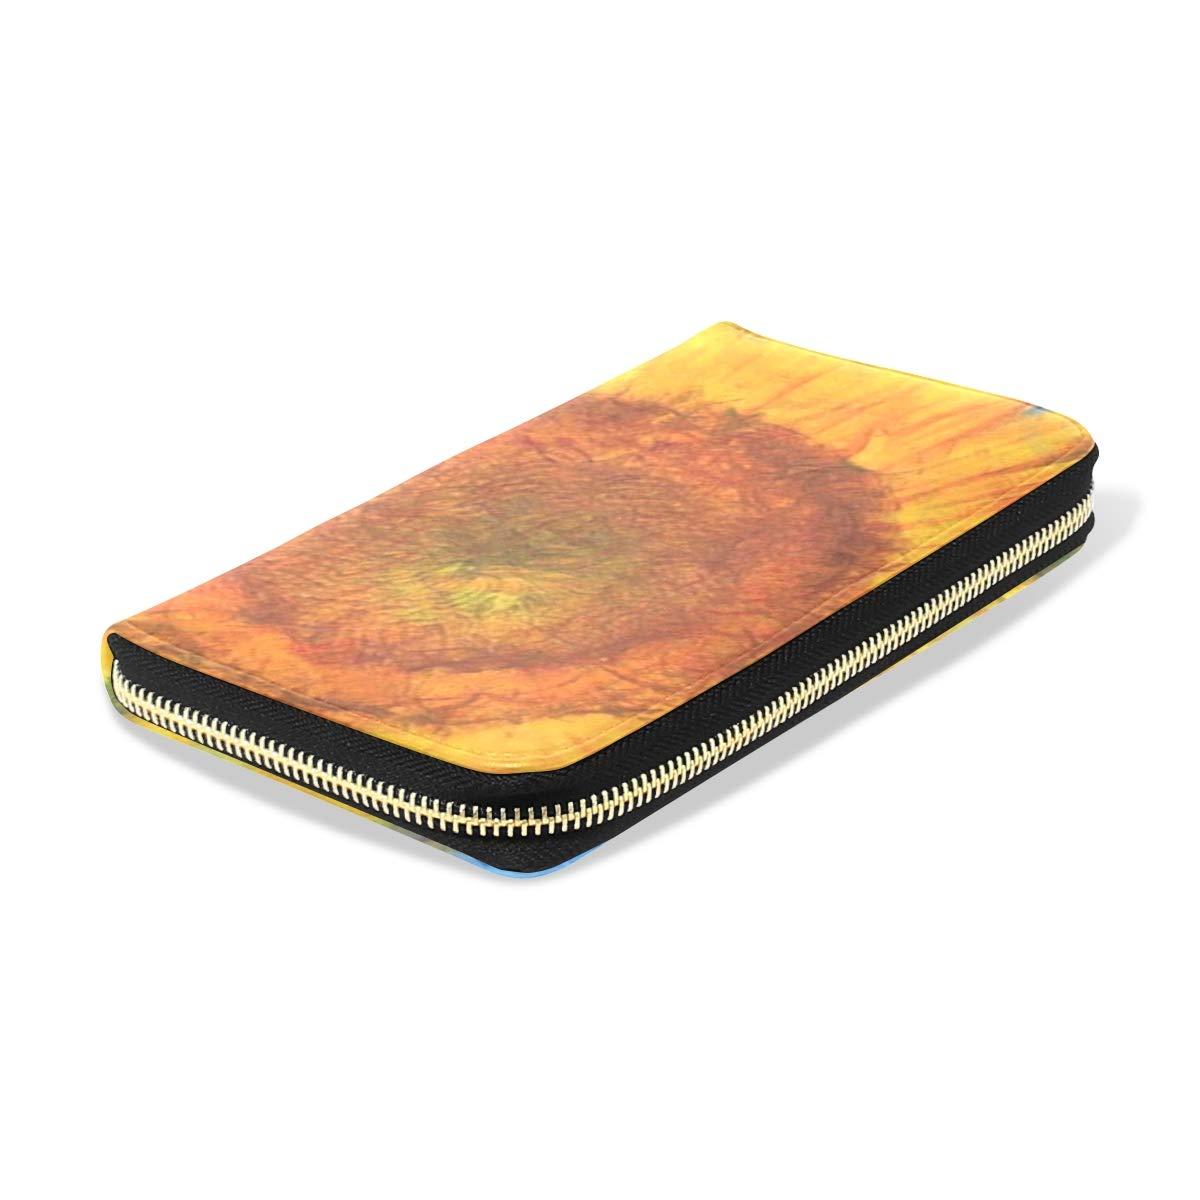 Womens Wallets Sunflowers Vincent Van Gogh Leather Passport Wallet Coin Purse Girls Handbags